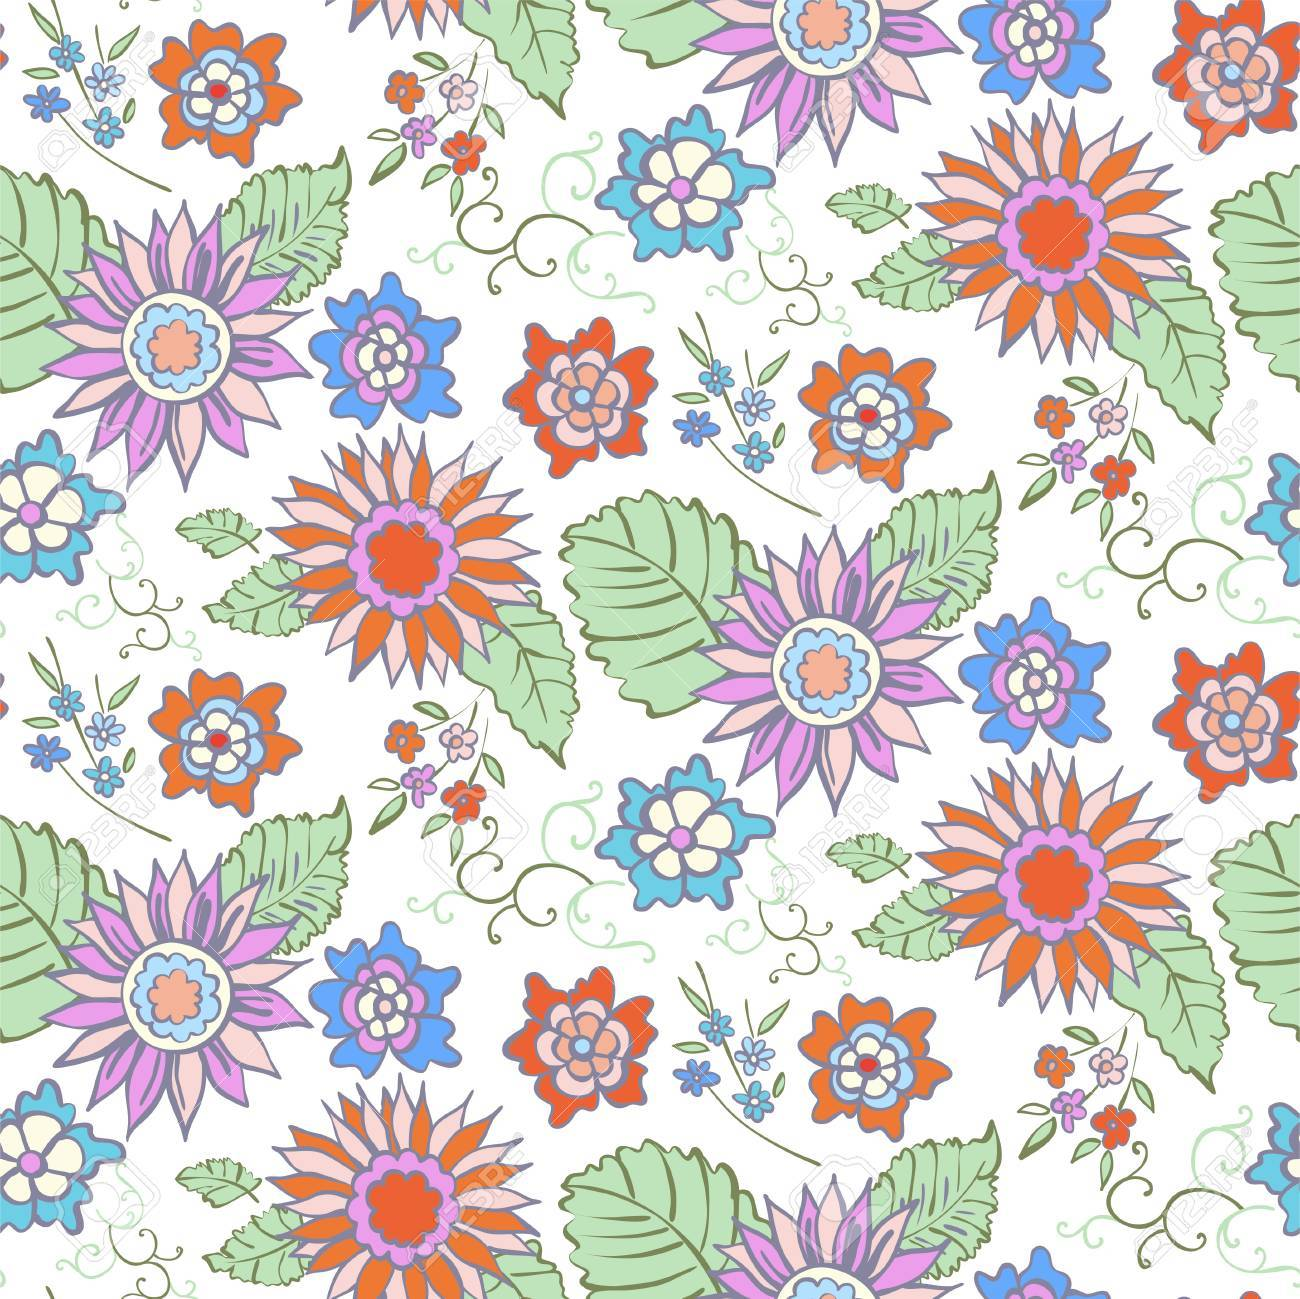 花のシームレスな背景パターン春 夏のシーズン ベクトル繊維 包装